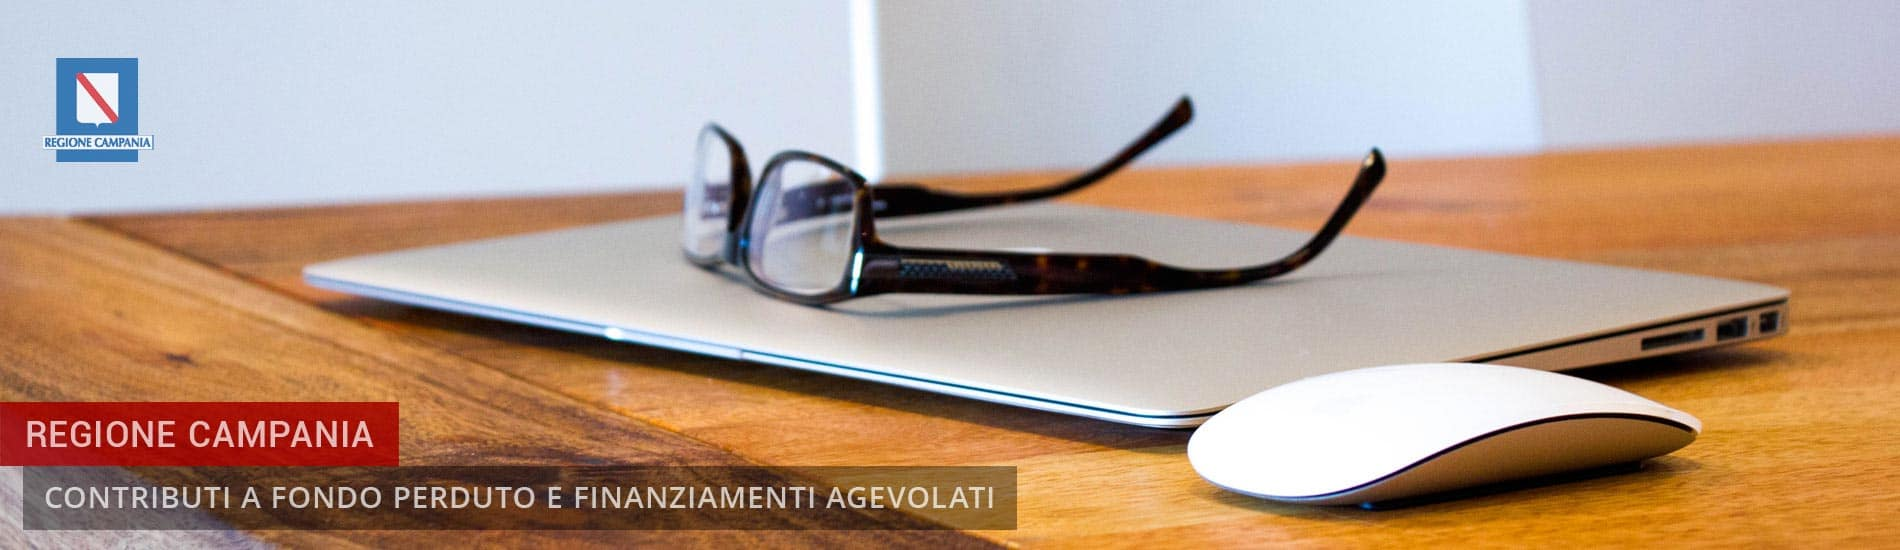 Regione Campania: Bandi Contributi a fondo perduto e Finanziamenti agevolati